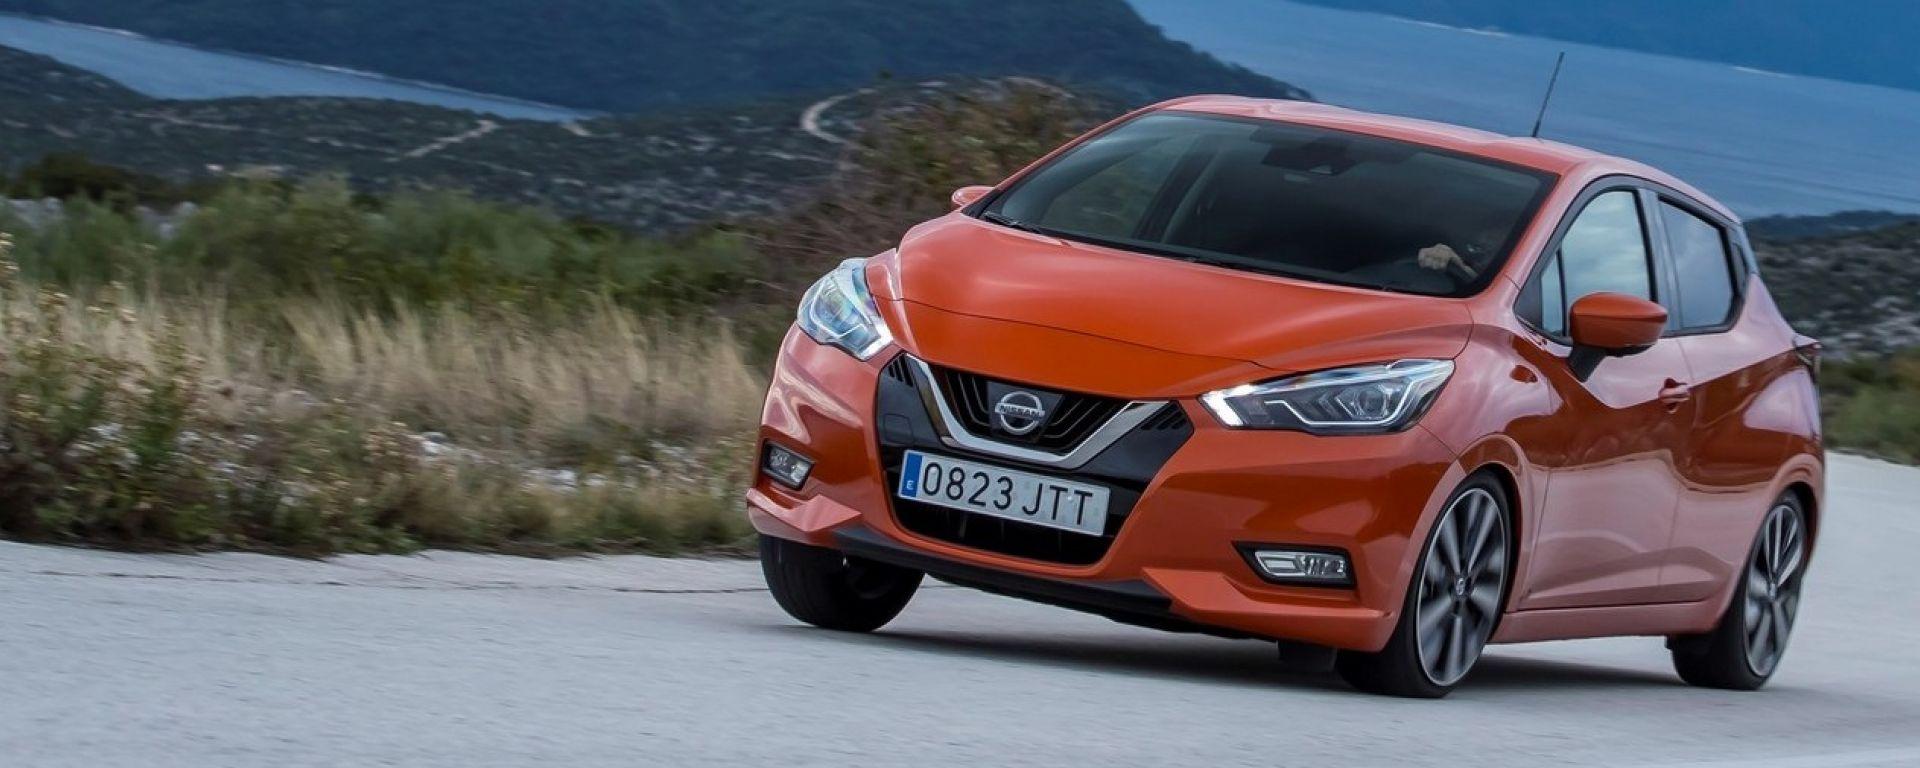 Nuova Nissan Micra 2017: prova, dotazioni, prezzo [VIDEO]